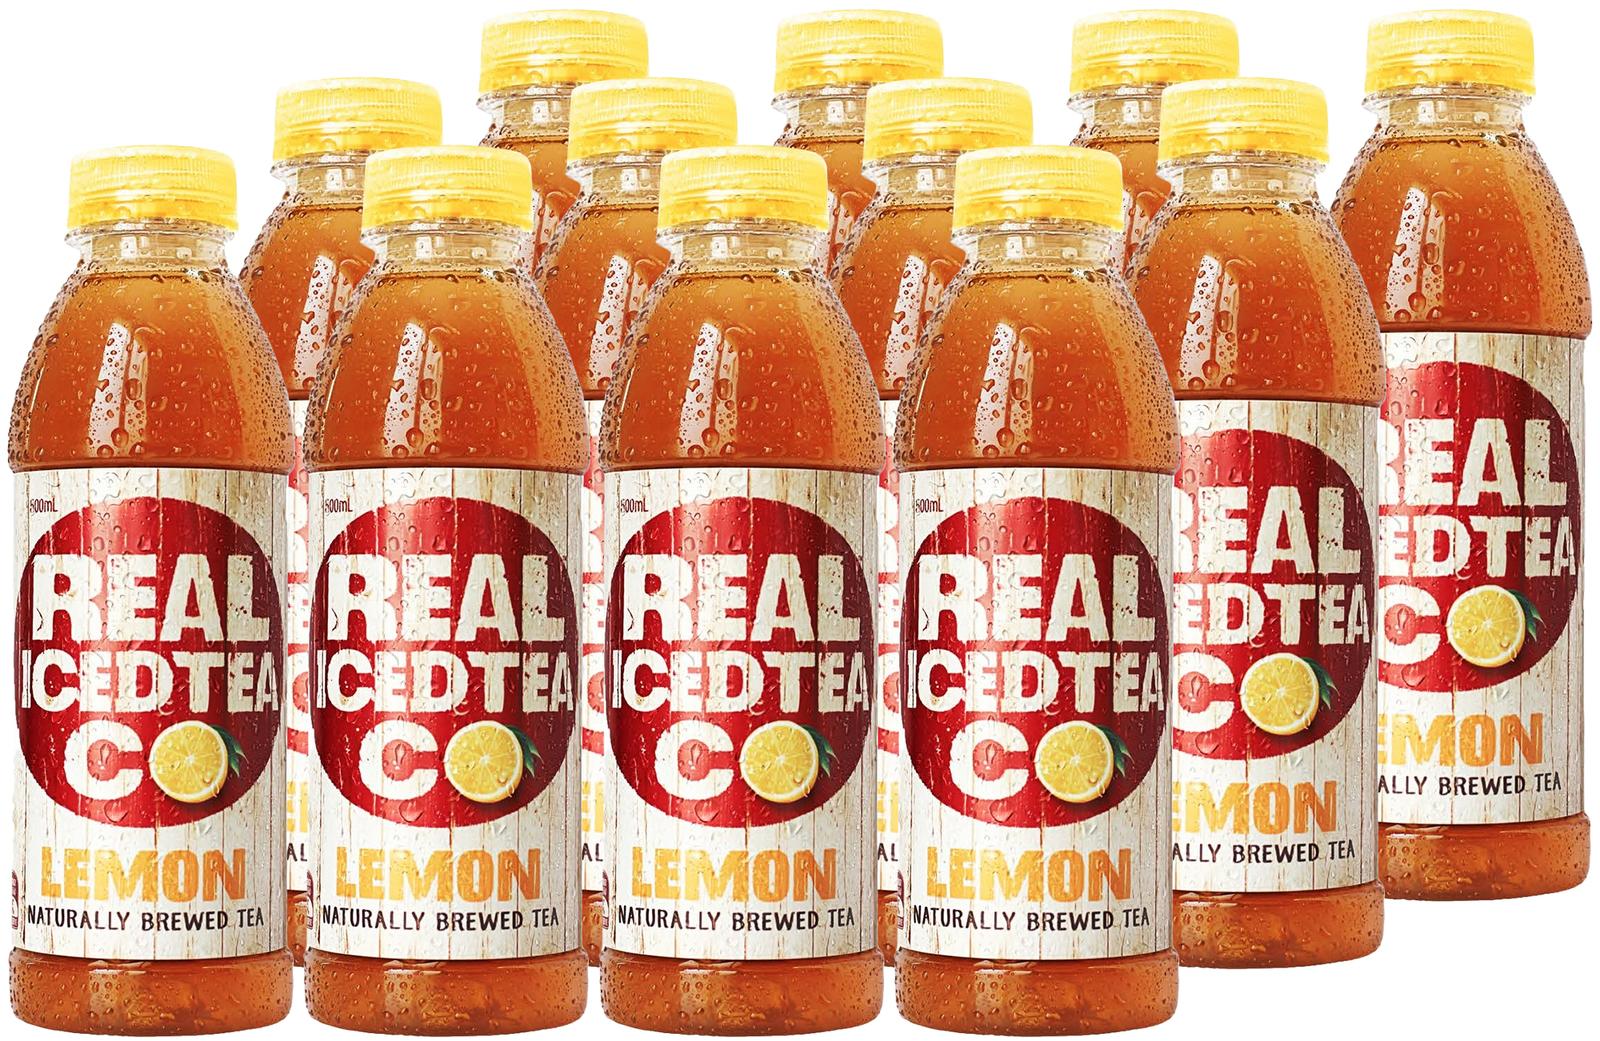 Real Iced Tea Lemon 500ml (12 Pack) image